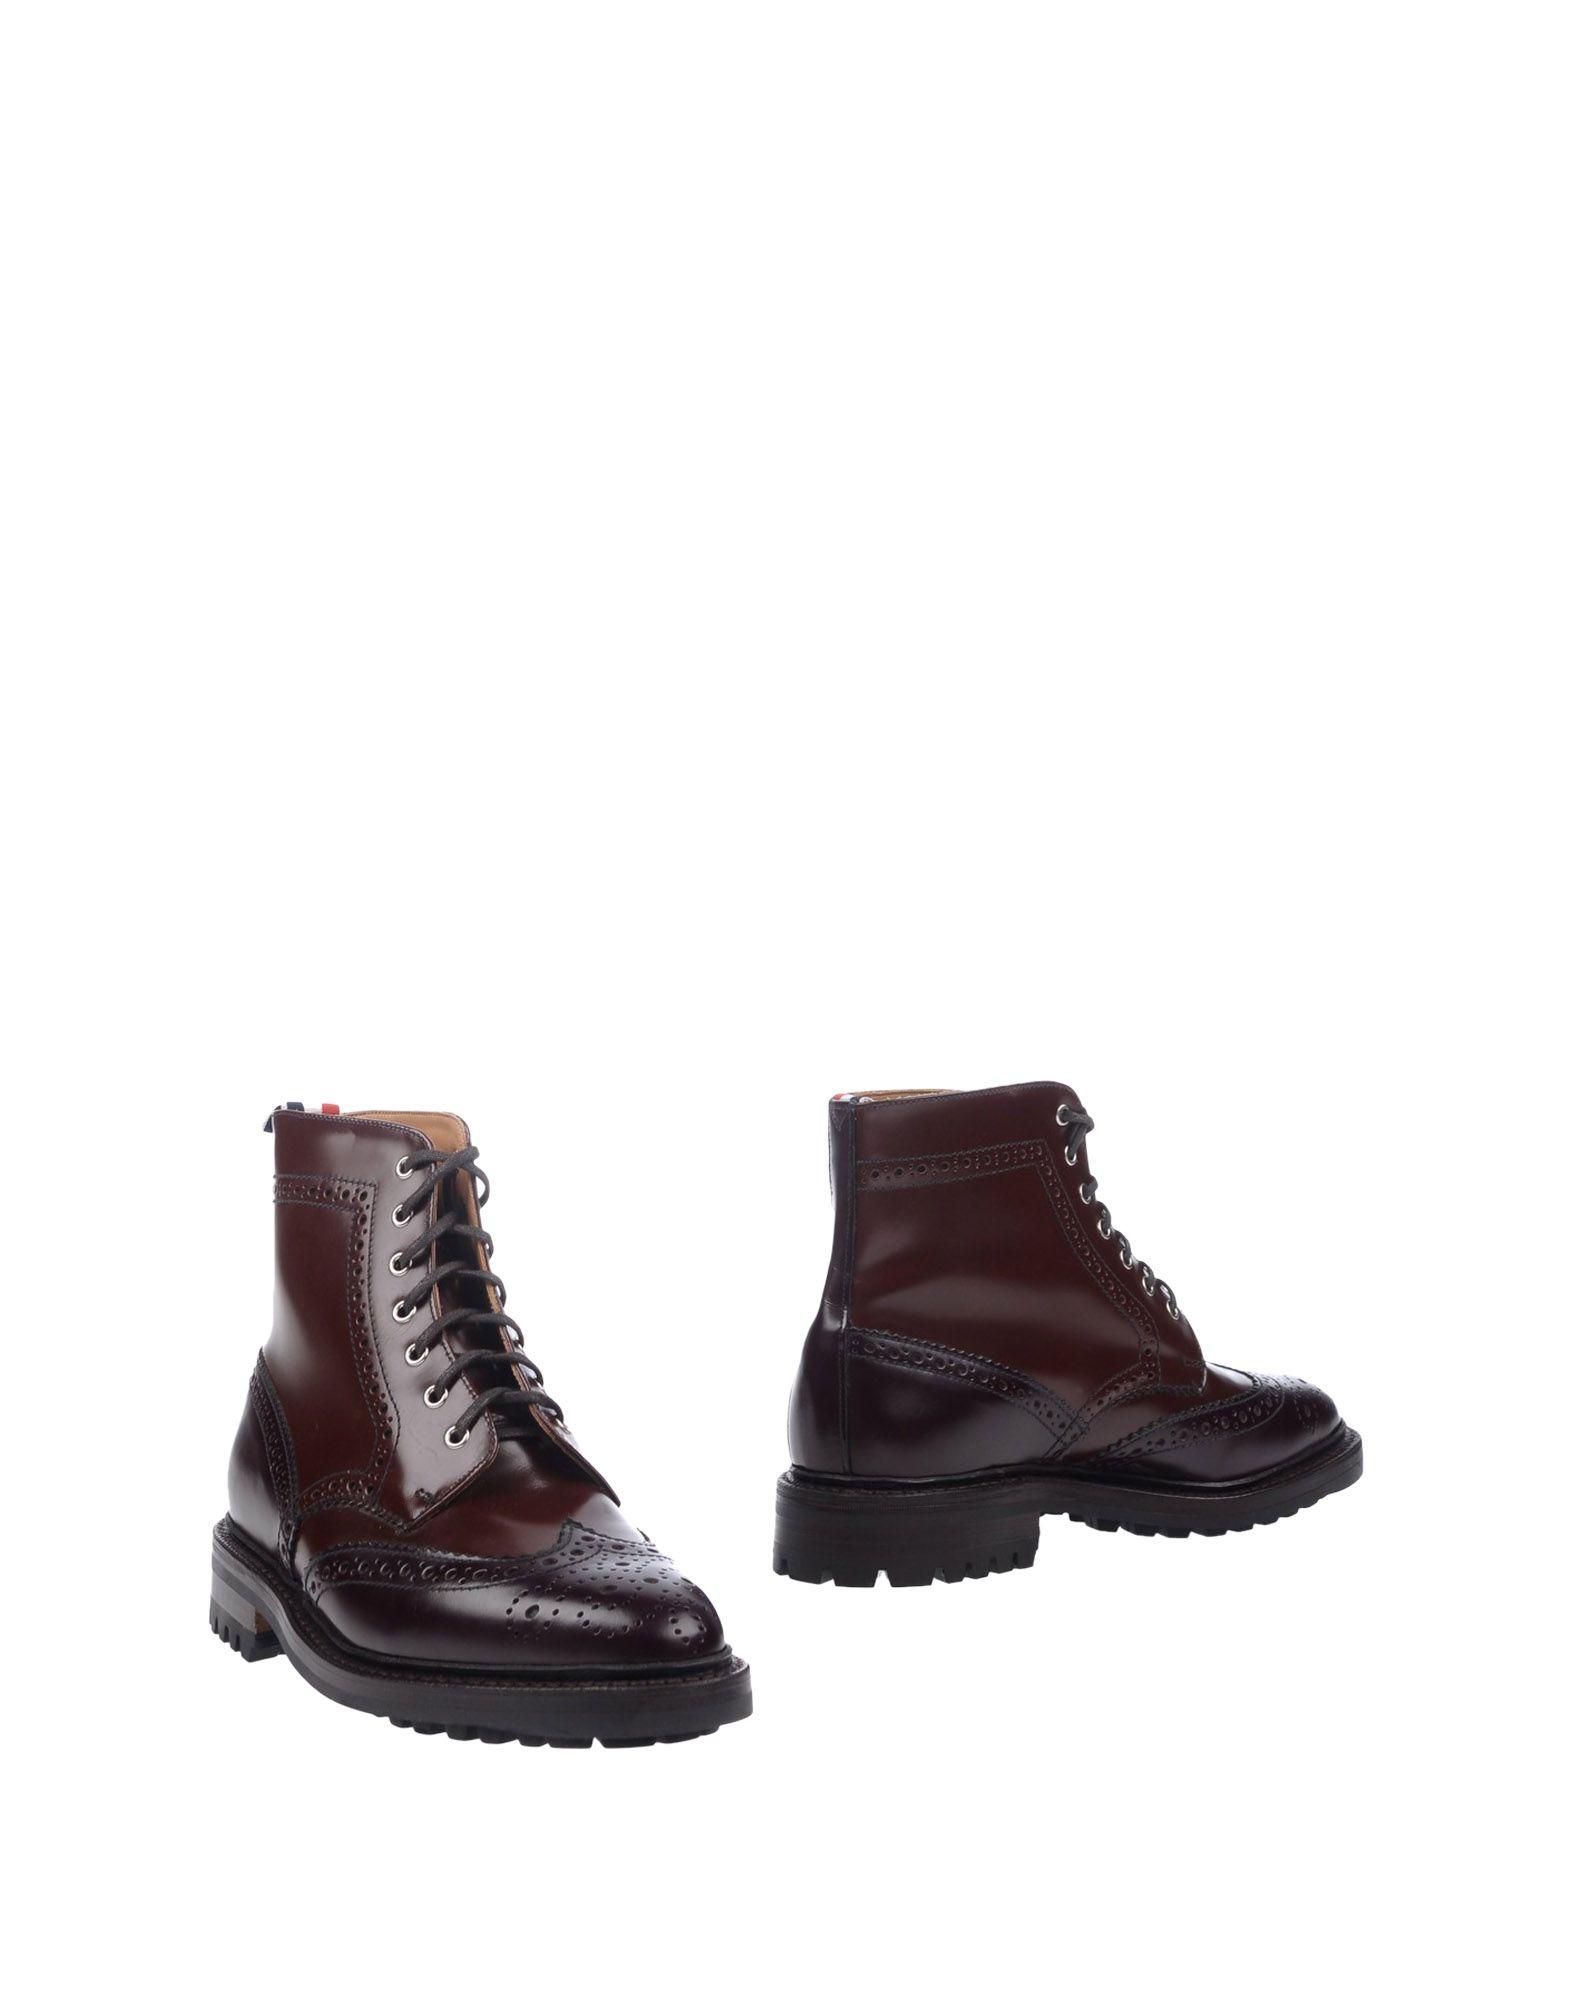 Thom Browne Stiefelette Qualität Herren  11291329MV Gute Qualität Stiefelette beliebte Schuhe 7f59fc